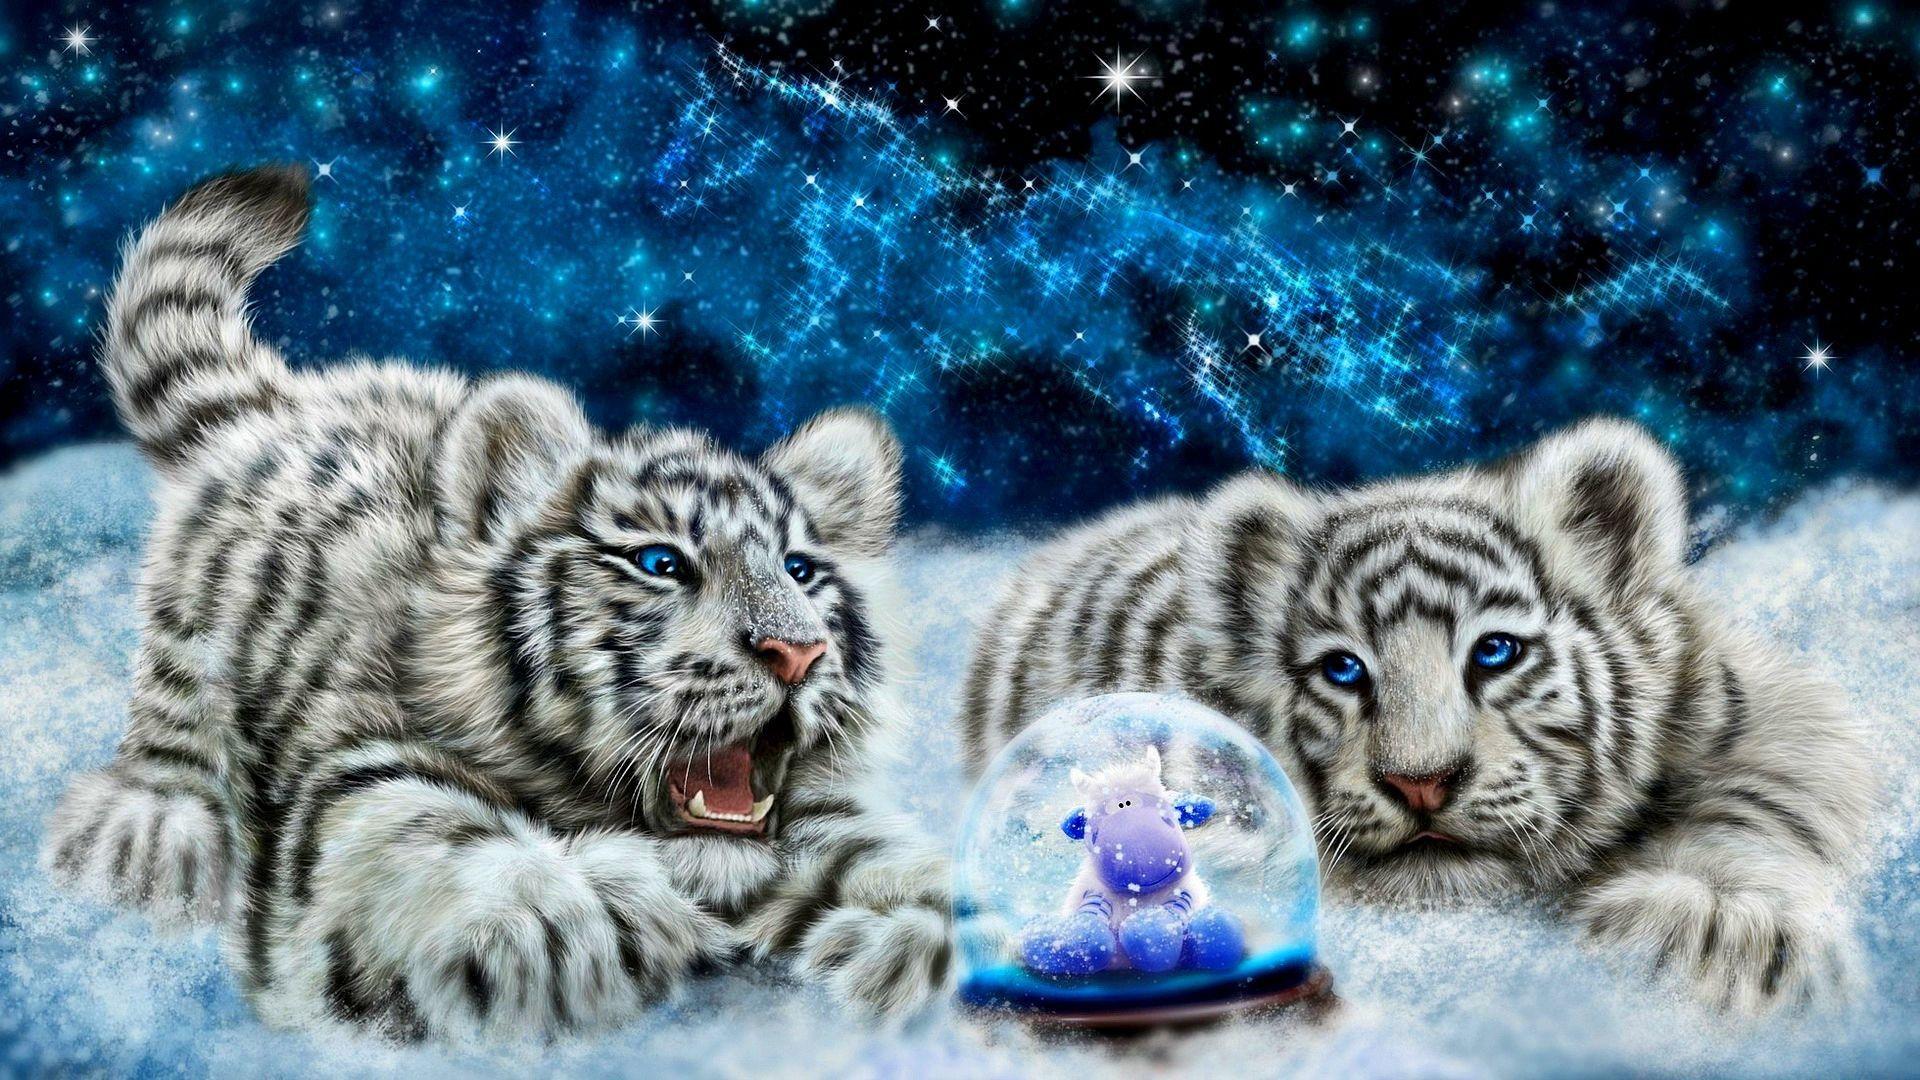 tiger wallpaper hd download